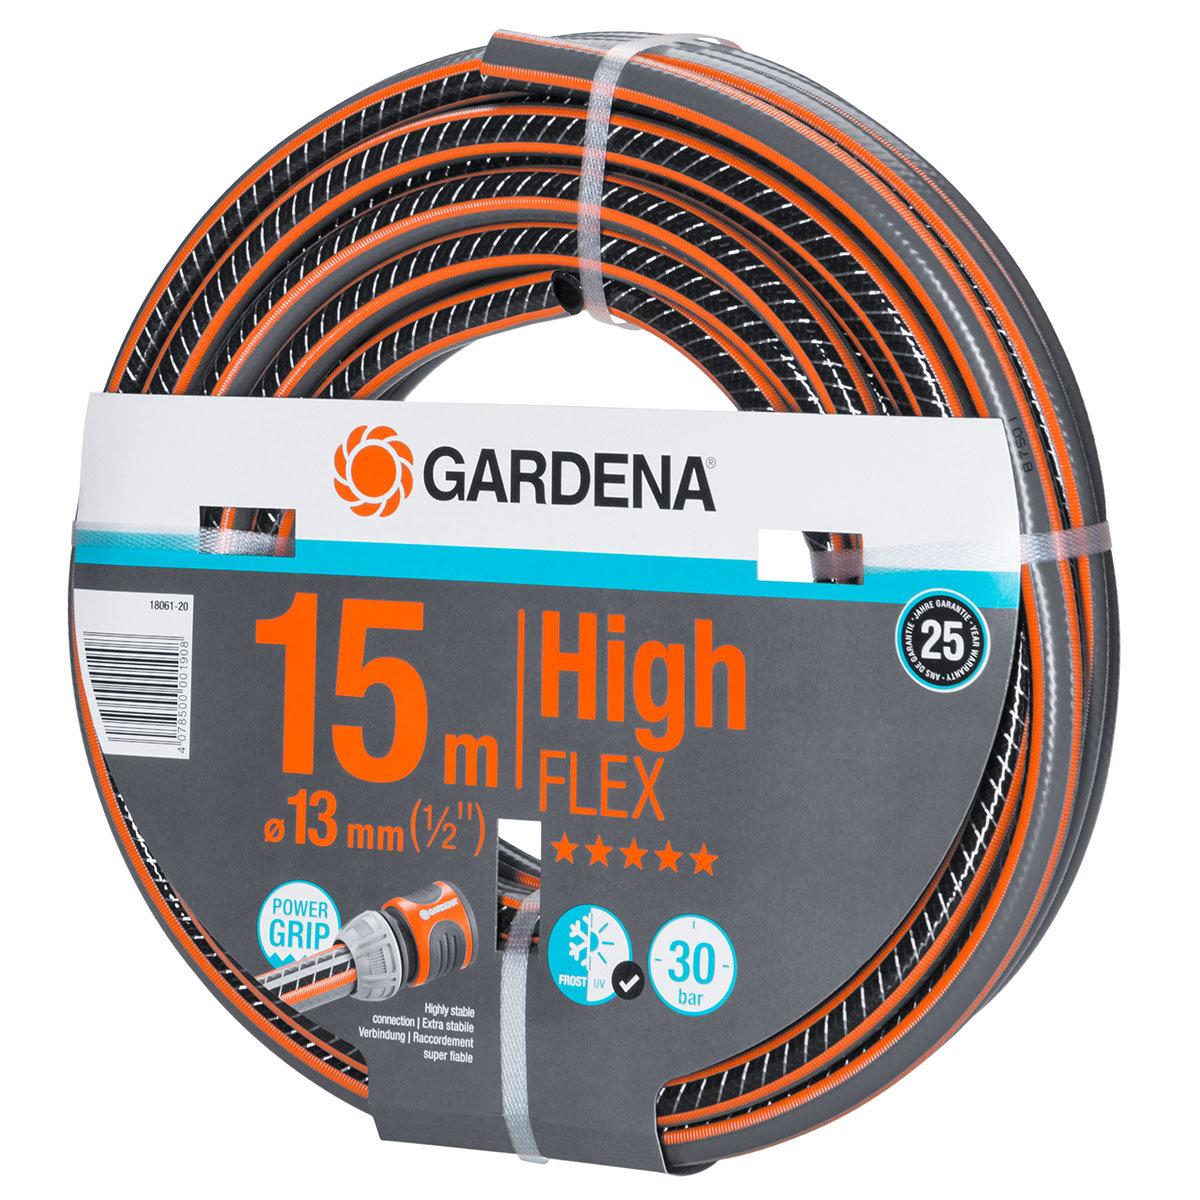 """Comfort HighFLEX Schlauch 10x10, 13 mm (1/2""""), 15 m, ohne Systemteile   #2"""